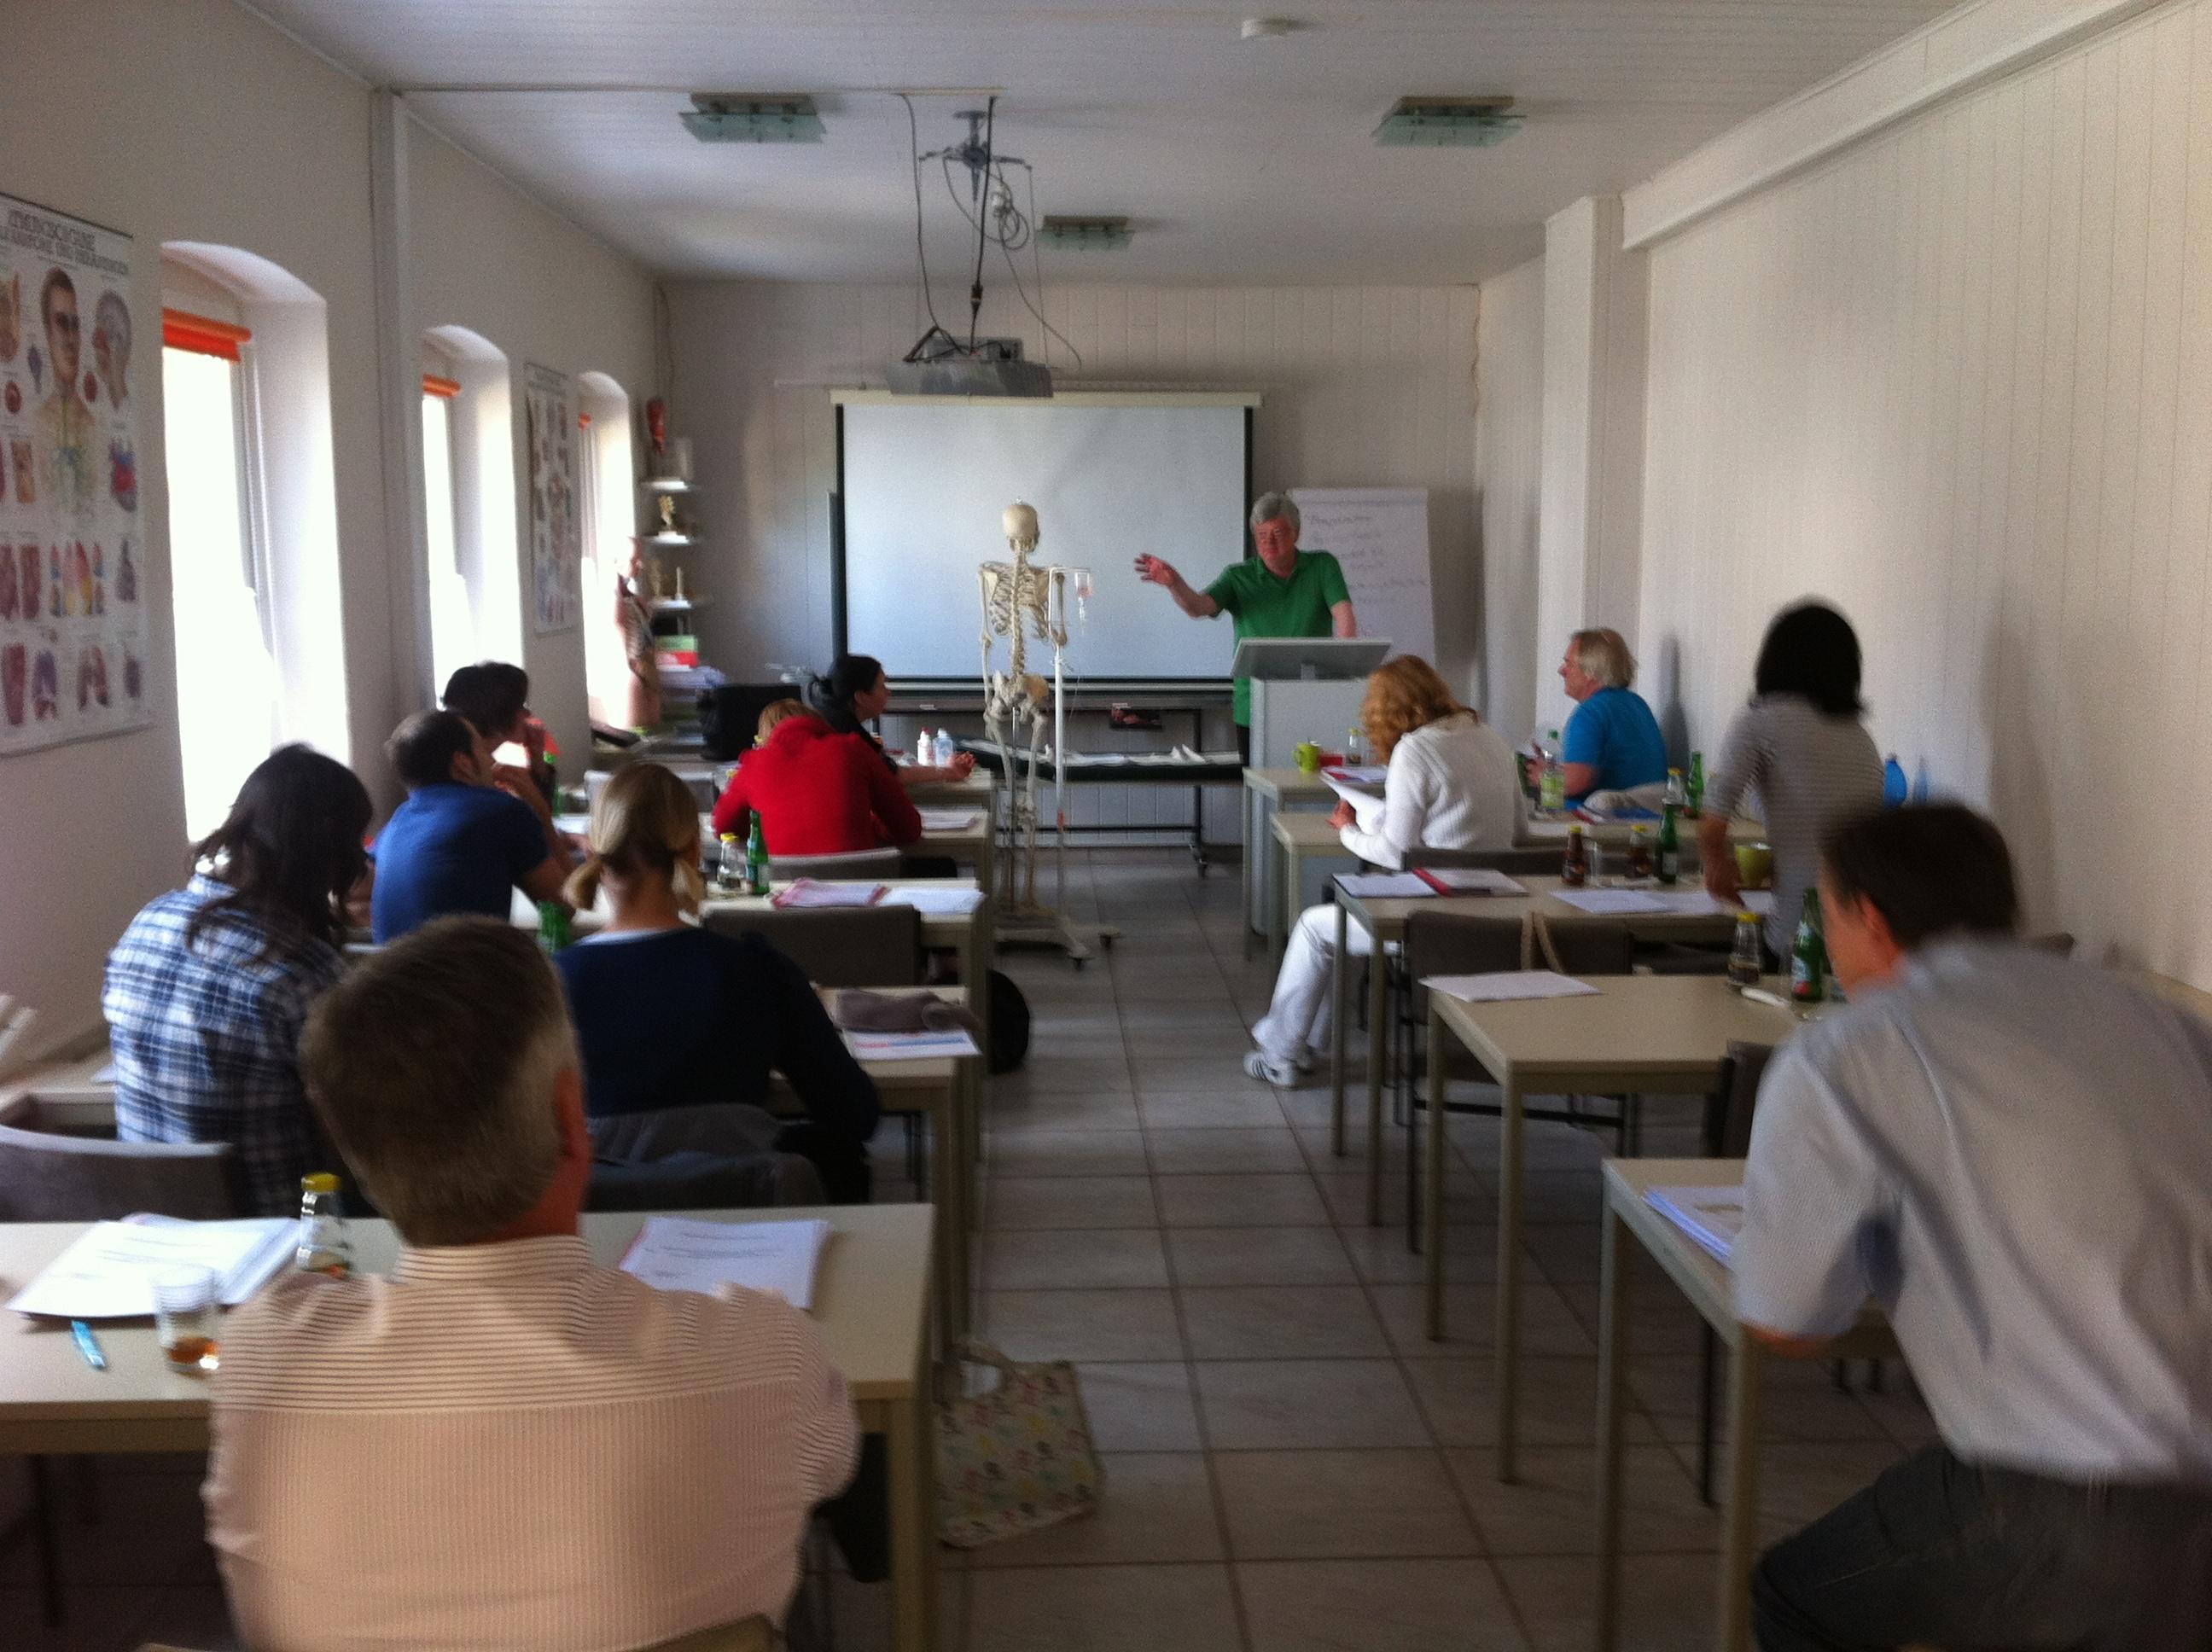 TheoretischerUnterricht/Seminar